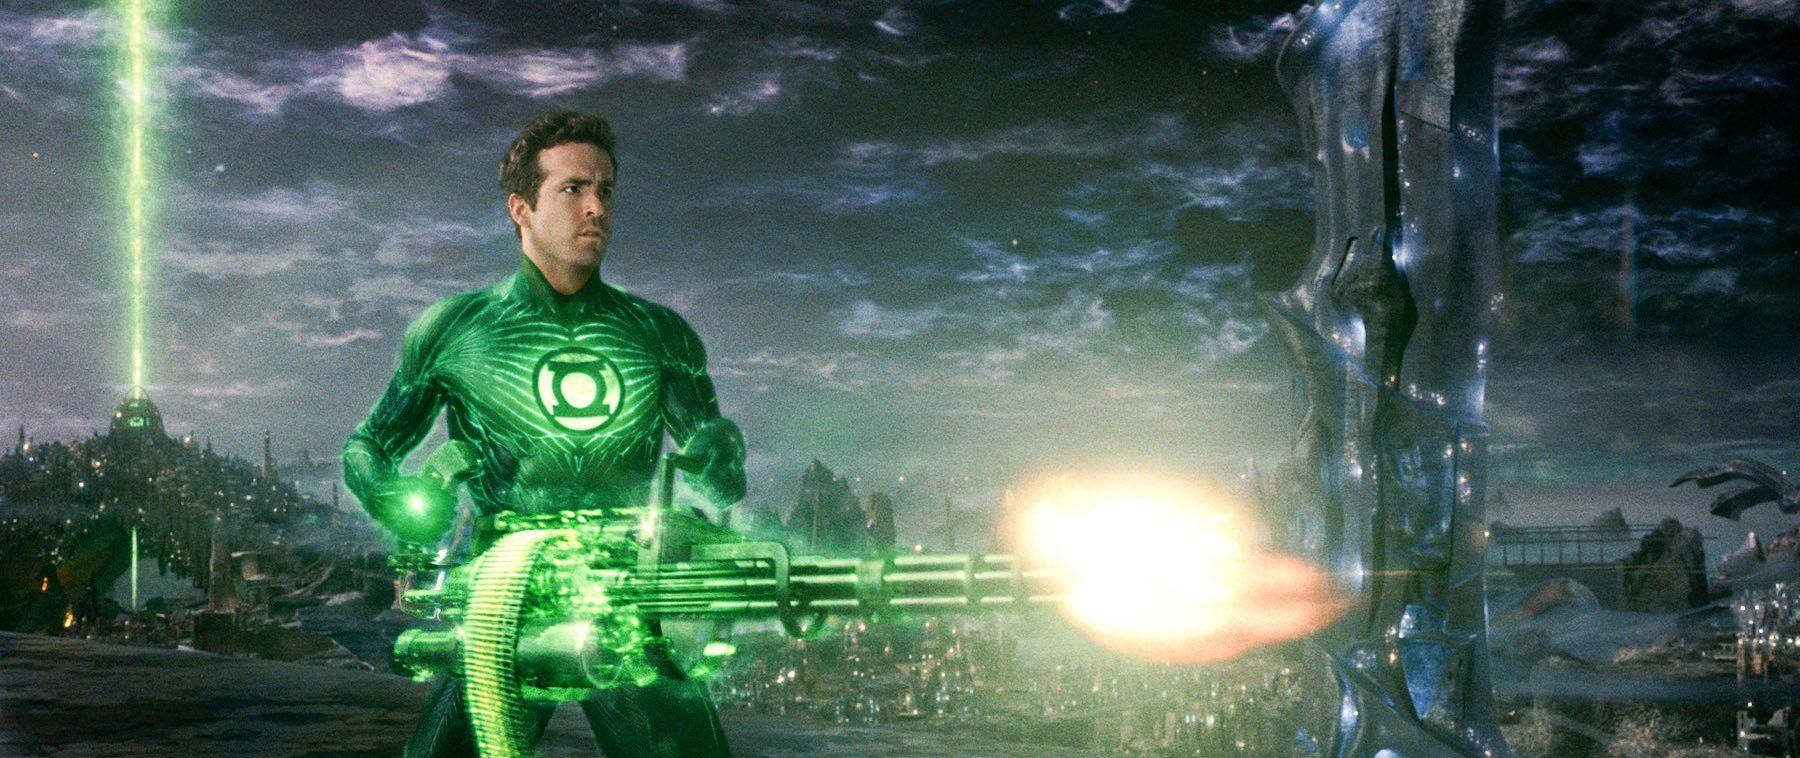 Слух: в «Лиге справедливости» Снайдера может появиться Зелёный фонарь Райана Рейнольдса